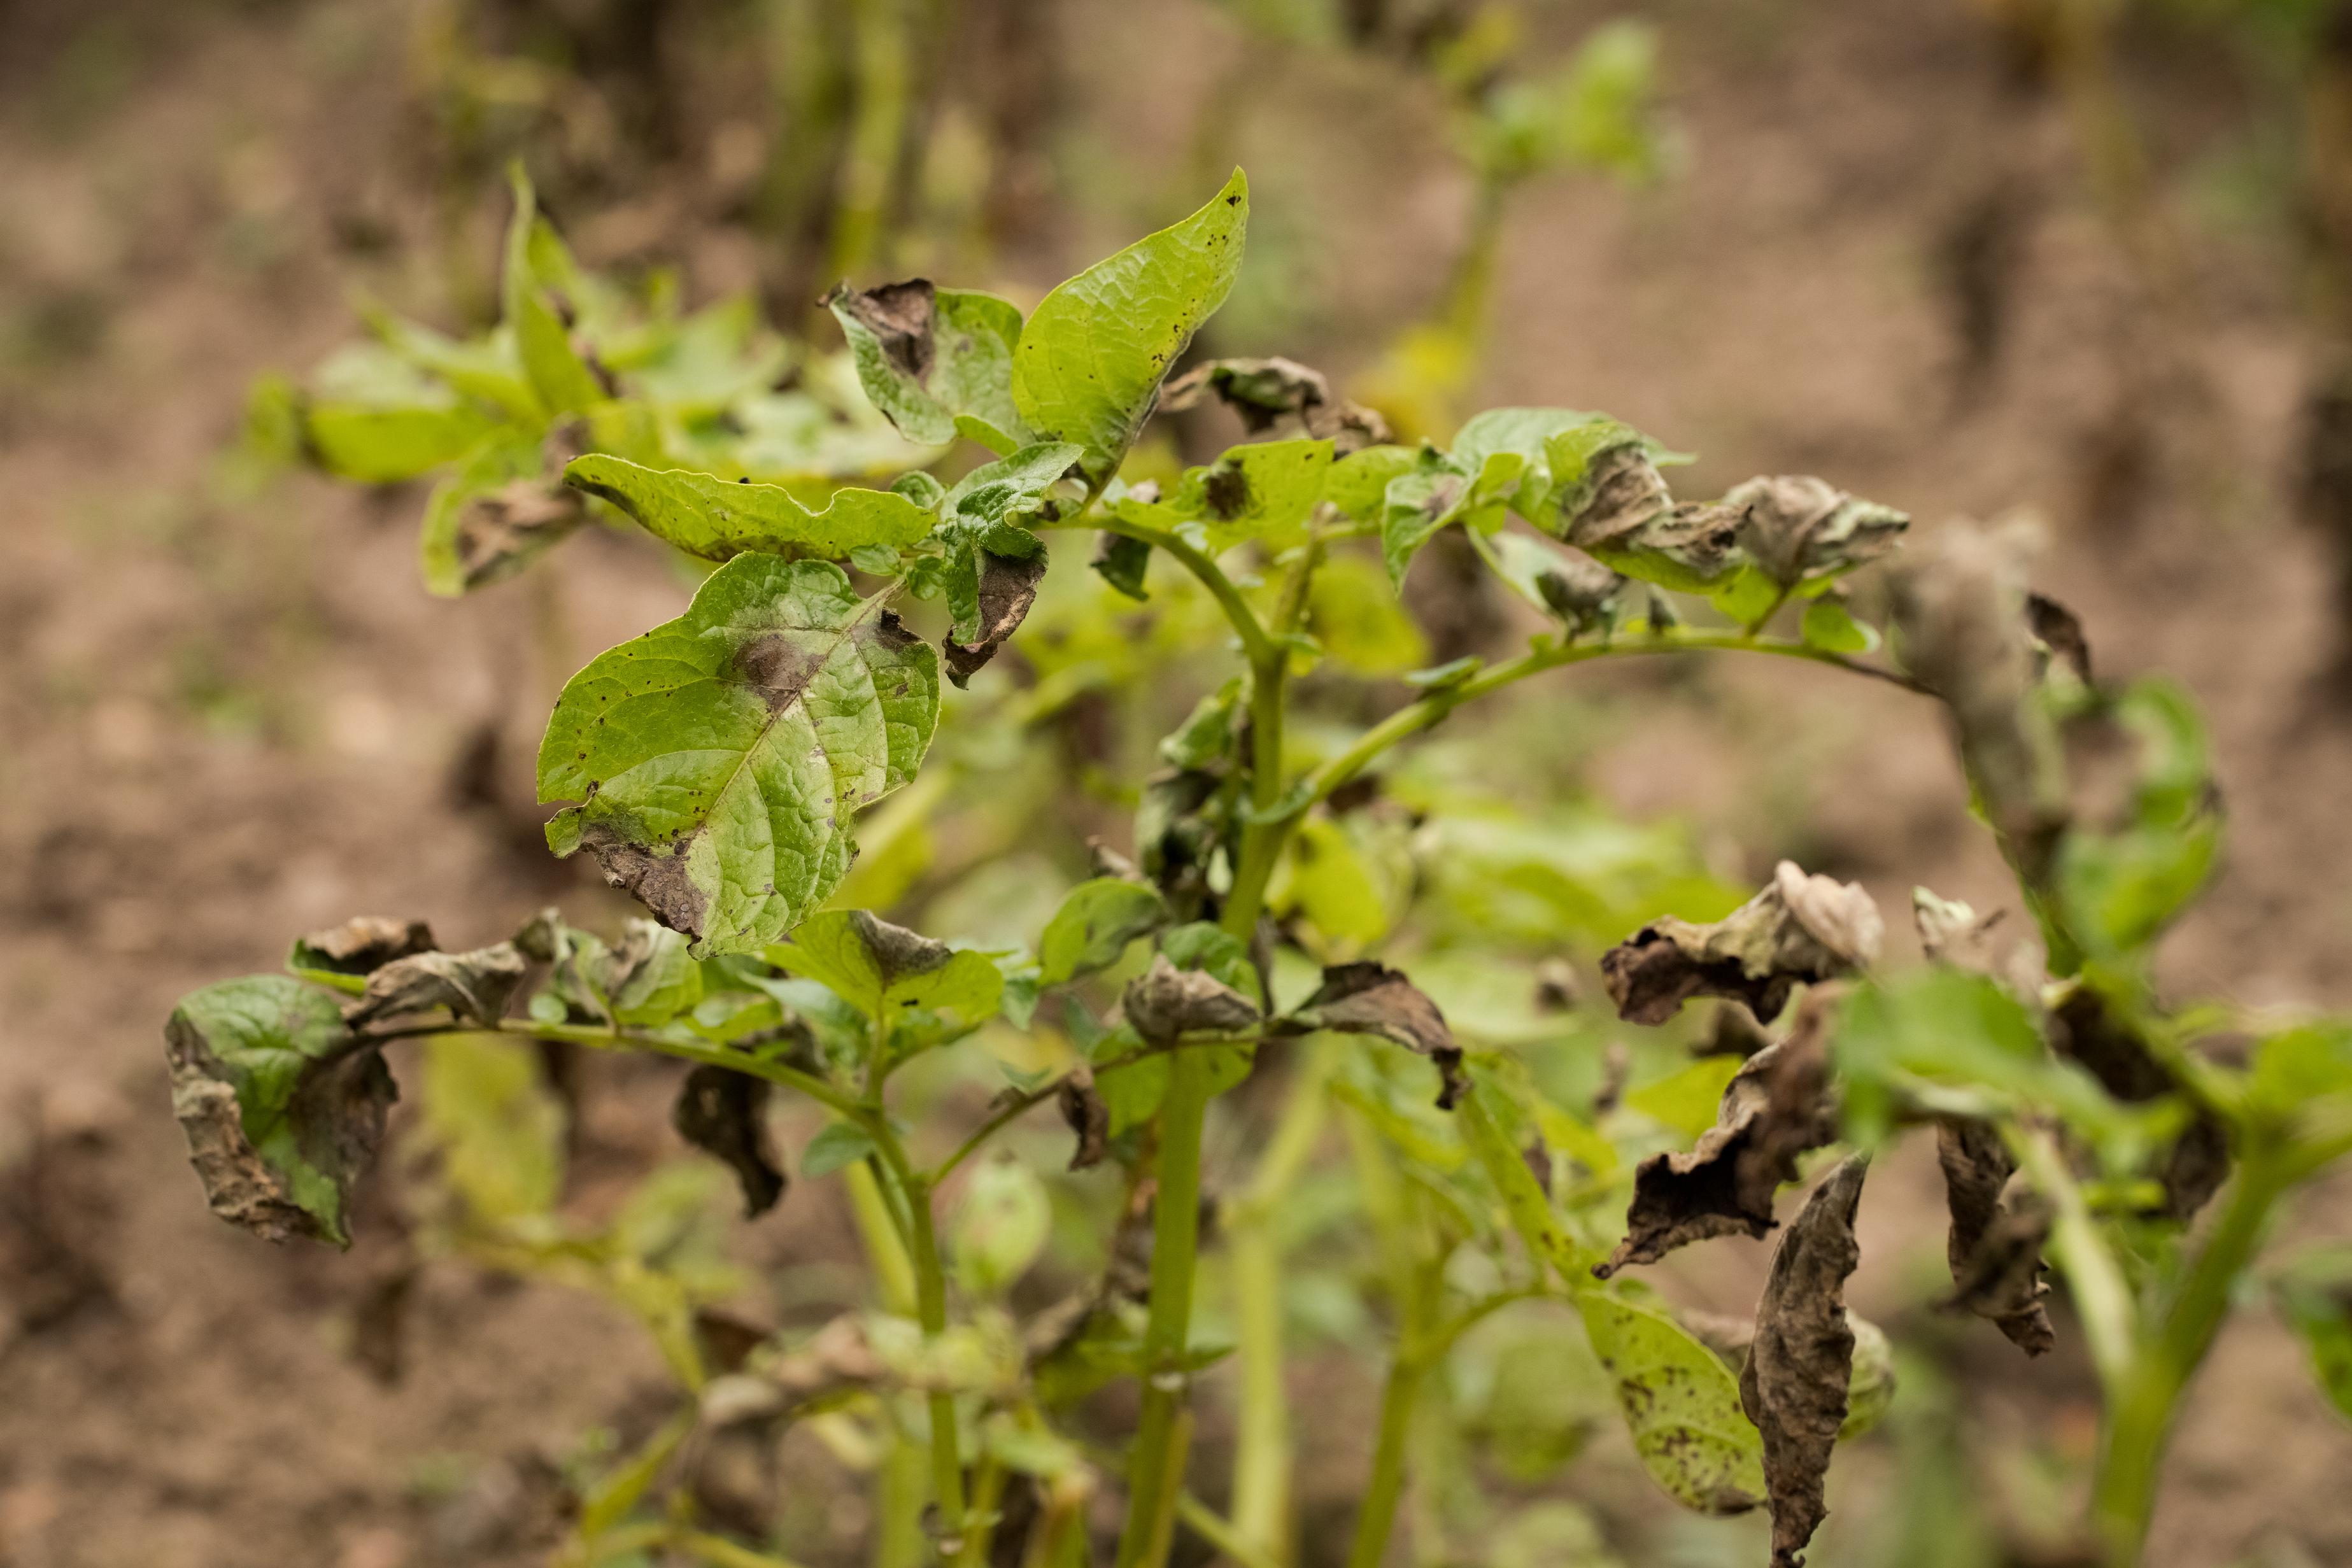 Йод в огороде - помощник в борьбе против фитофтороза растений